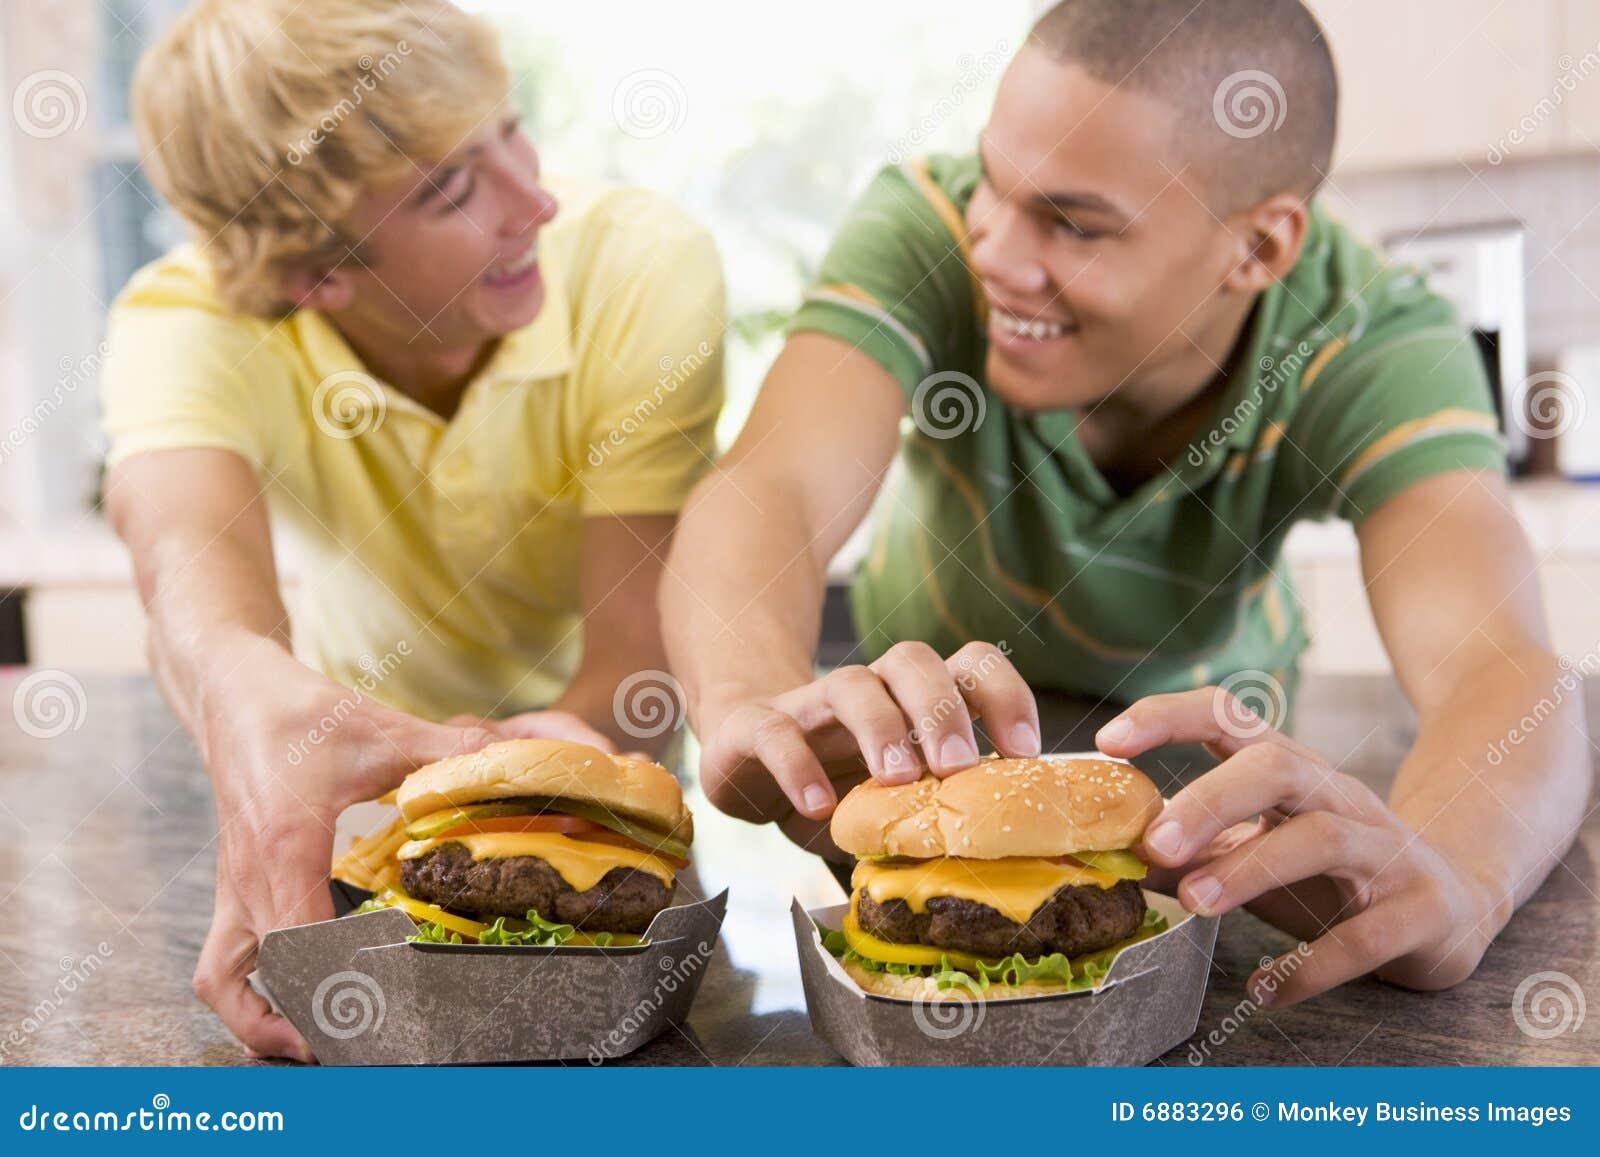 teenager die burger essen stockfoto bild von horizontal 6883296. Black Bedroom Furniture Sets. Home Design Ideas